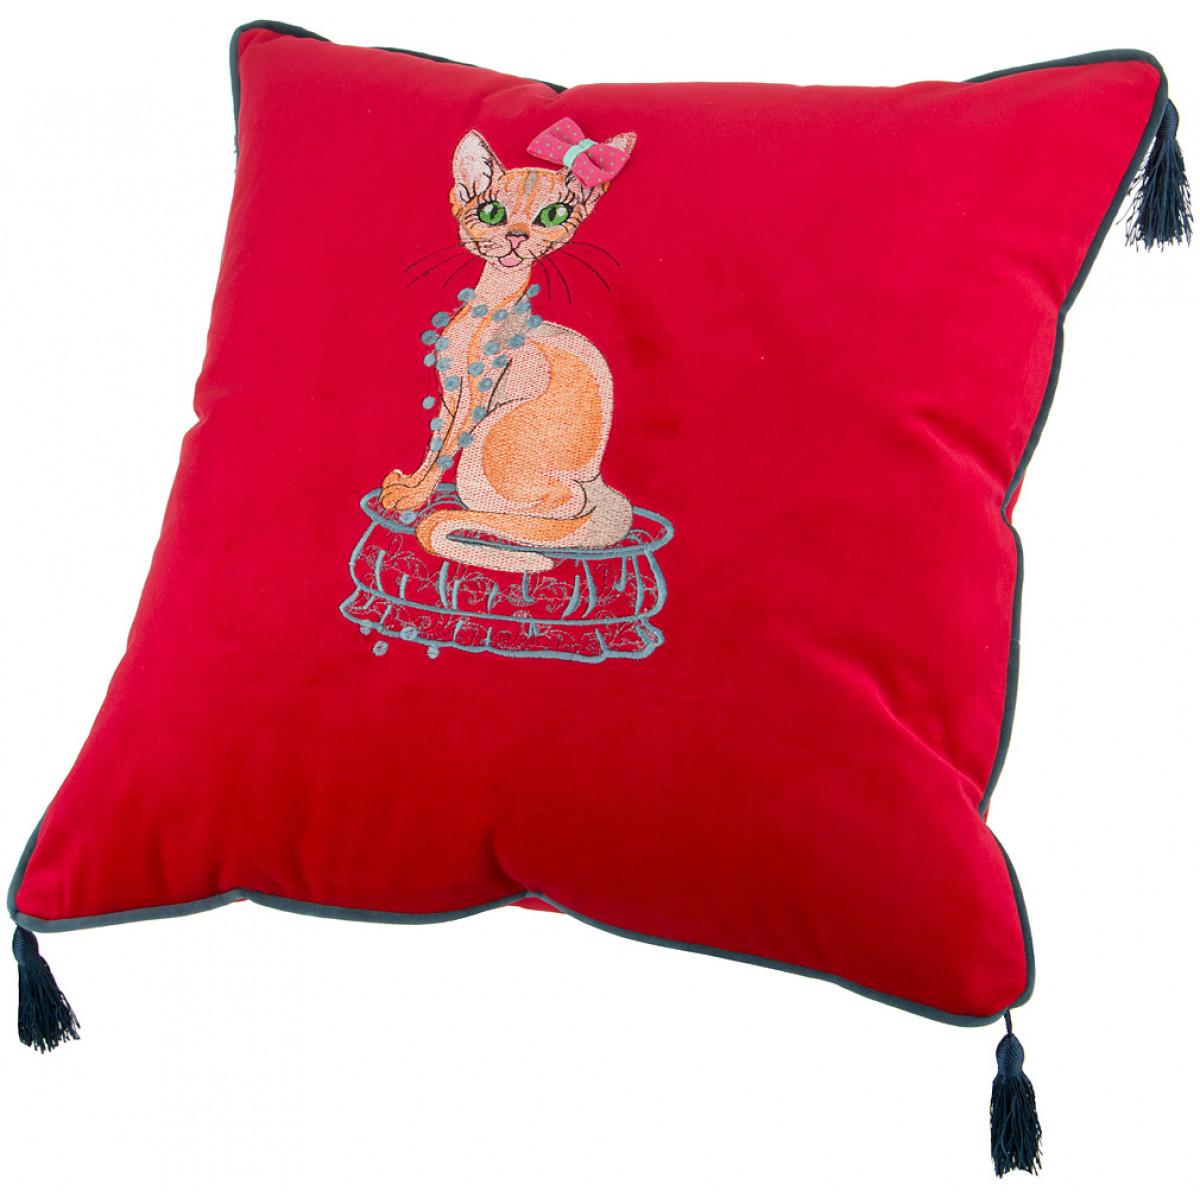 Декоративные подушки Santalino Декоративная подушка Alesha (45х45) декоративные подушки santalino декоративная подушка гуси 45х45